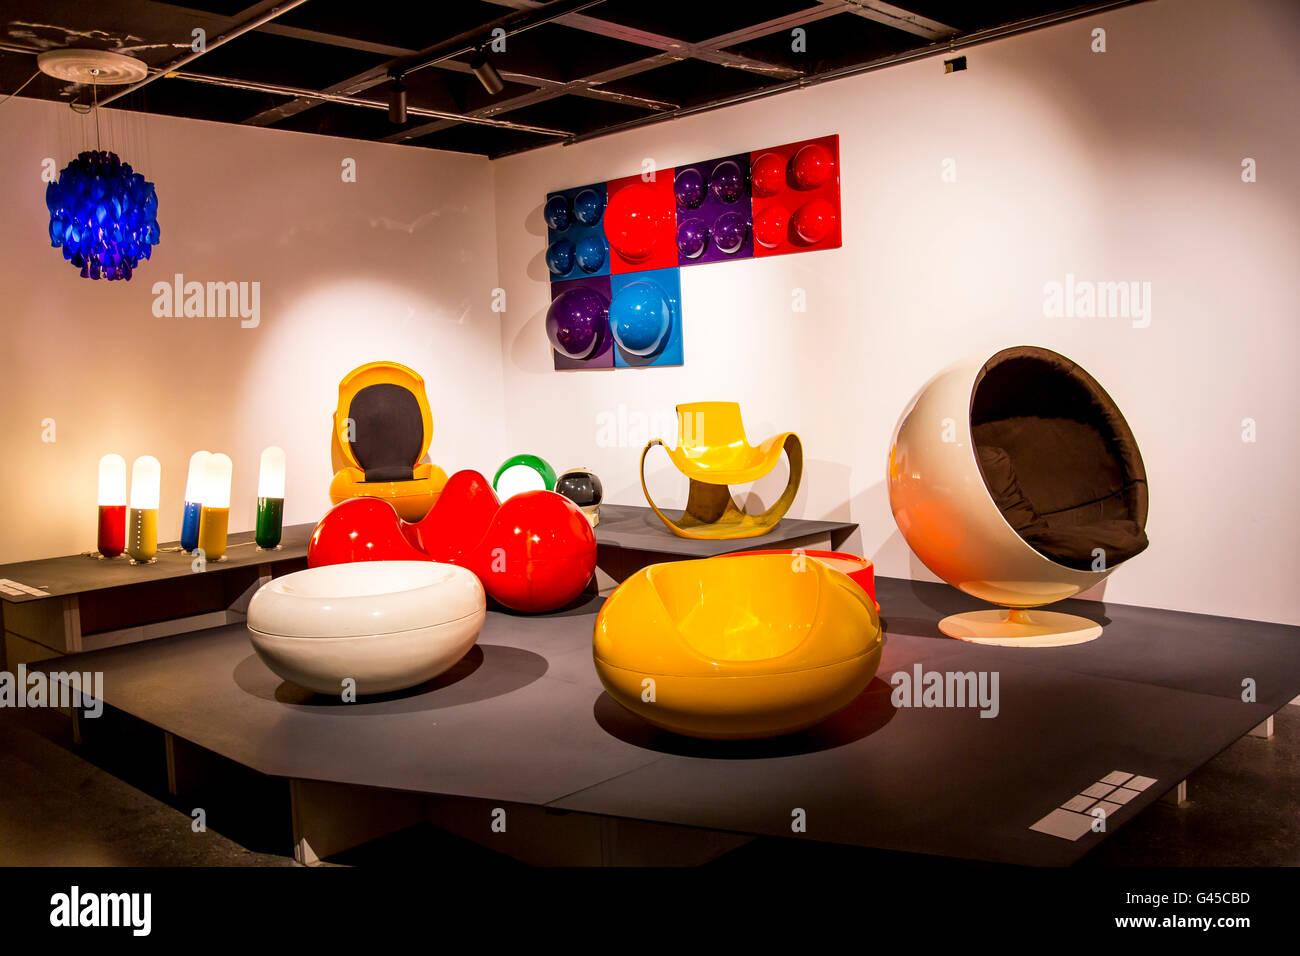 ADAM, Art & Design Atomium Museum, Brussels, permanent exhibition Plasticarium, design of  objects of the 70s - Stock Image